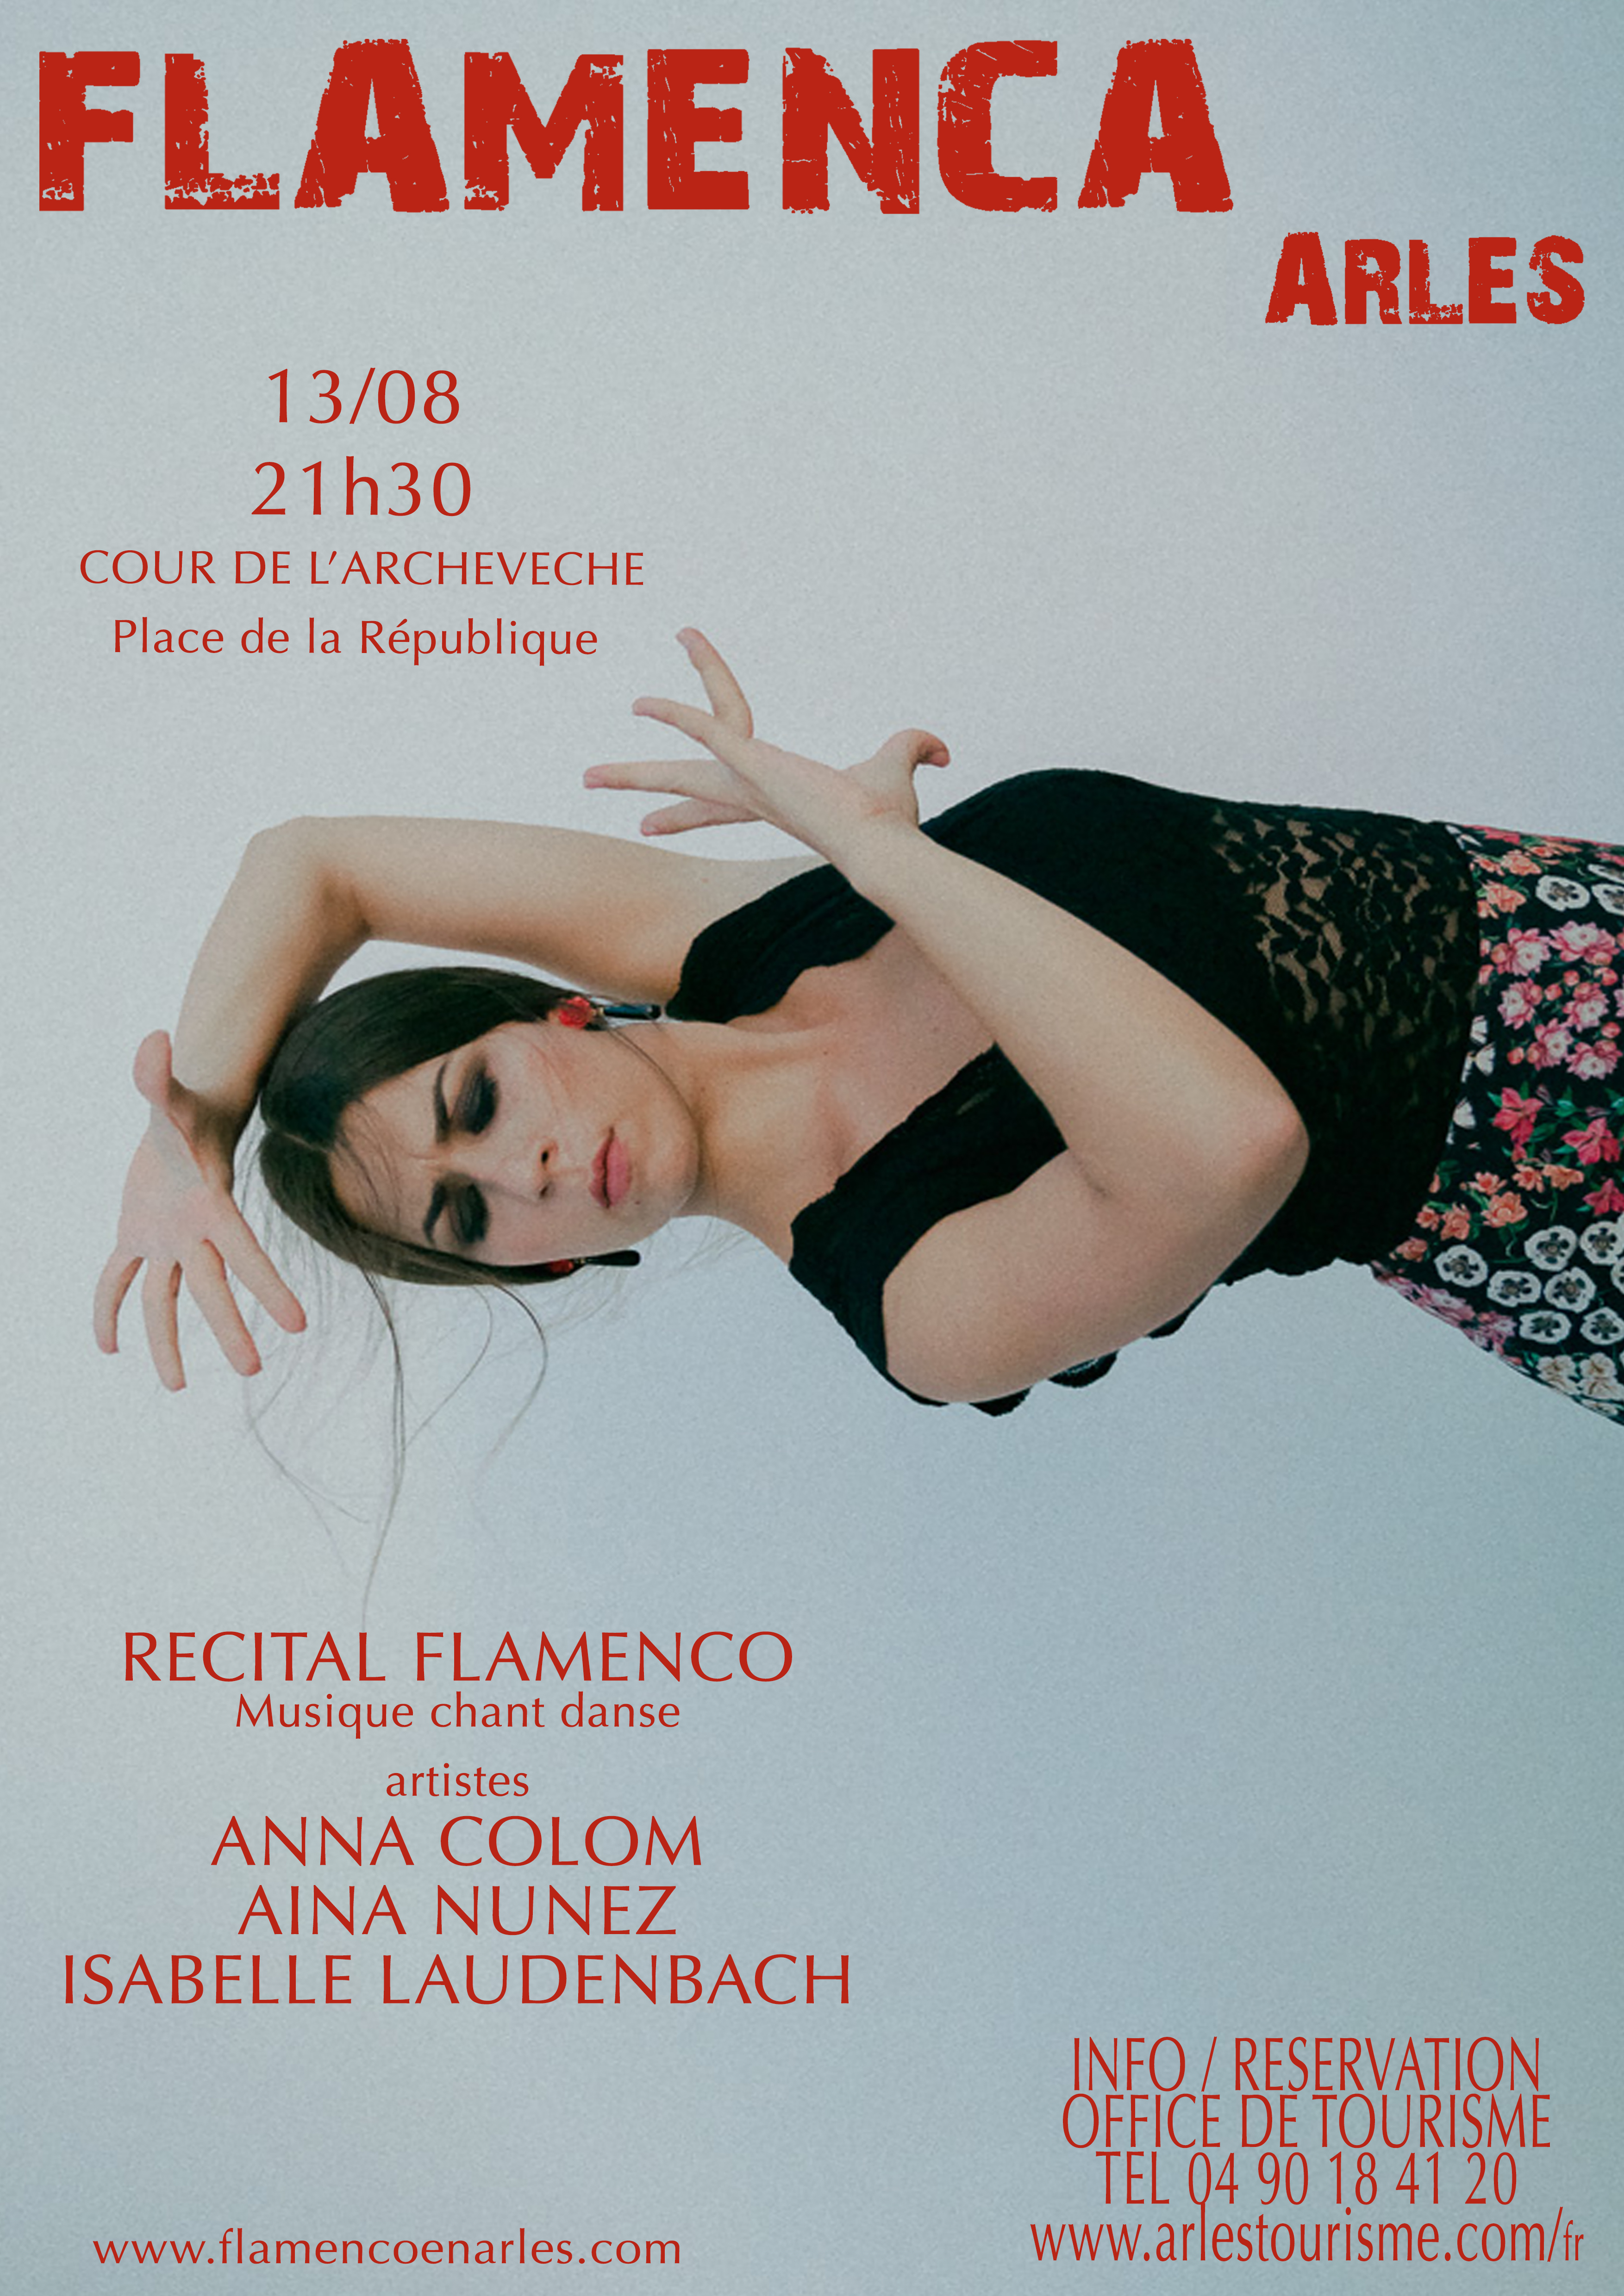 Chant, guitare, danse avec Anna Colom, Aina Nuñez, Isabelle Laudenbach.